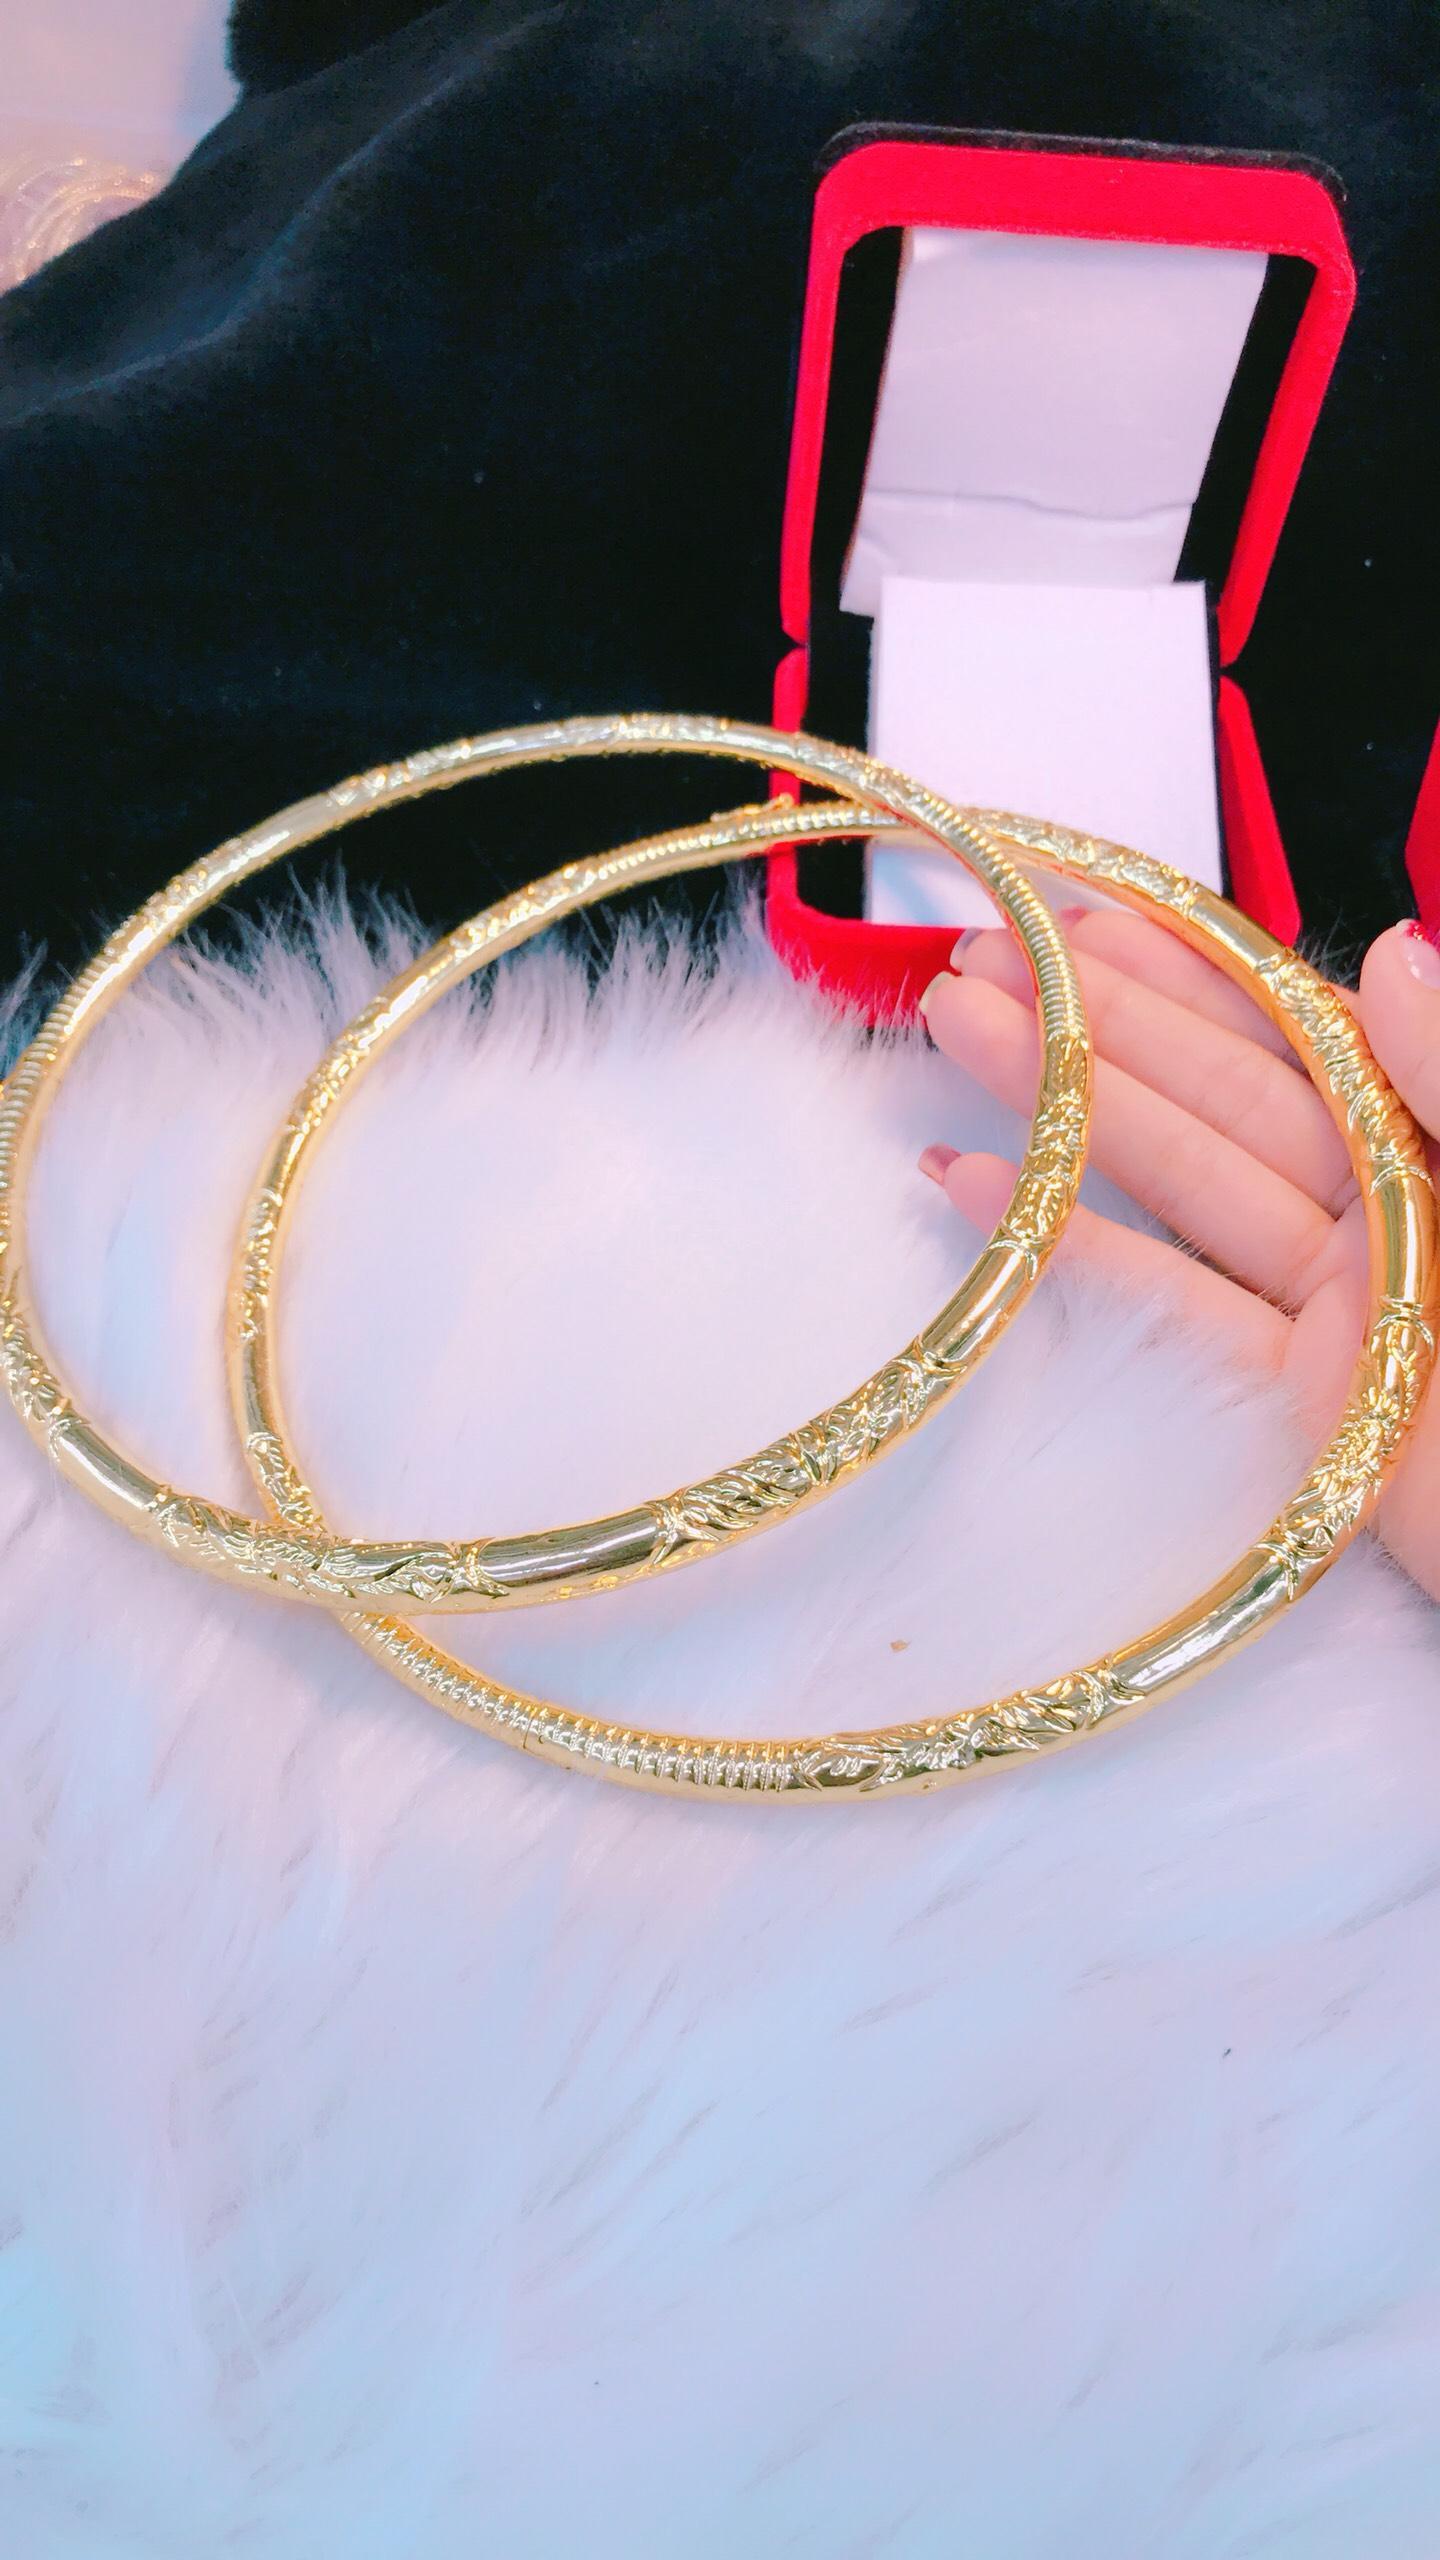 Kiềng Cao Cấp GiVi-Shop K040315 - Kết hợp phối đồ cực phong cách - kiềng cưới đẹp 24k - 18k, kiềng cổ đẹp, kiềng cổ trang sức, kiềng cổ trơn vàng, kiềng cổ trái tim, kiềng nữ đẹp, kiềng nữ vàng tây, kiềng cổ bạch kim, kiềng cổ b�